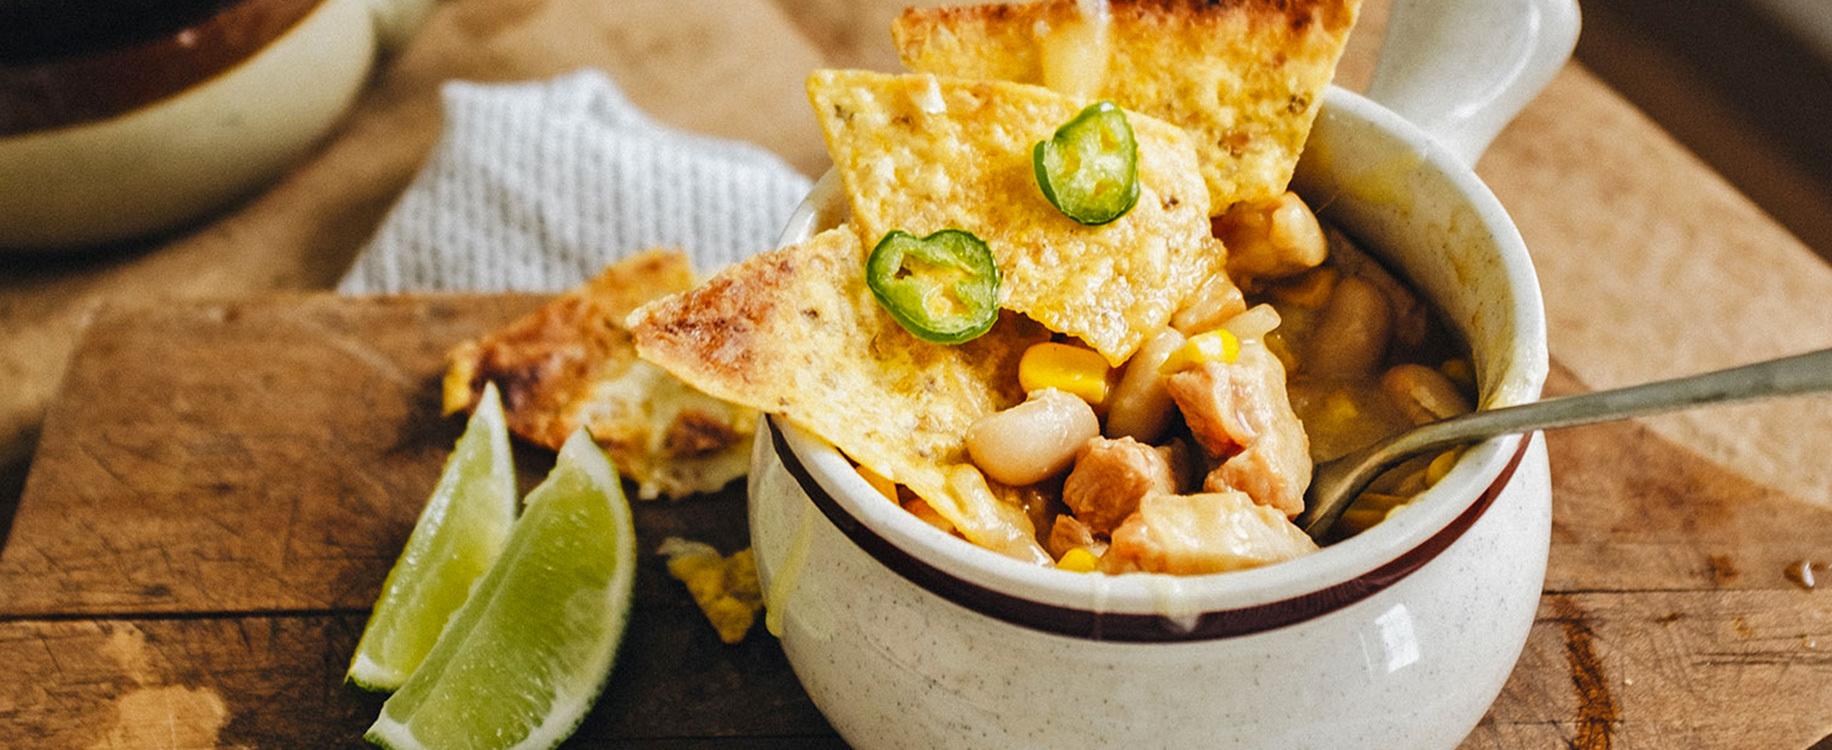 Chili de poulet mais haricots blancs et nachos gratine